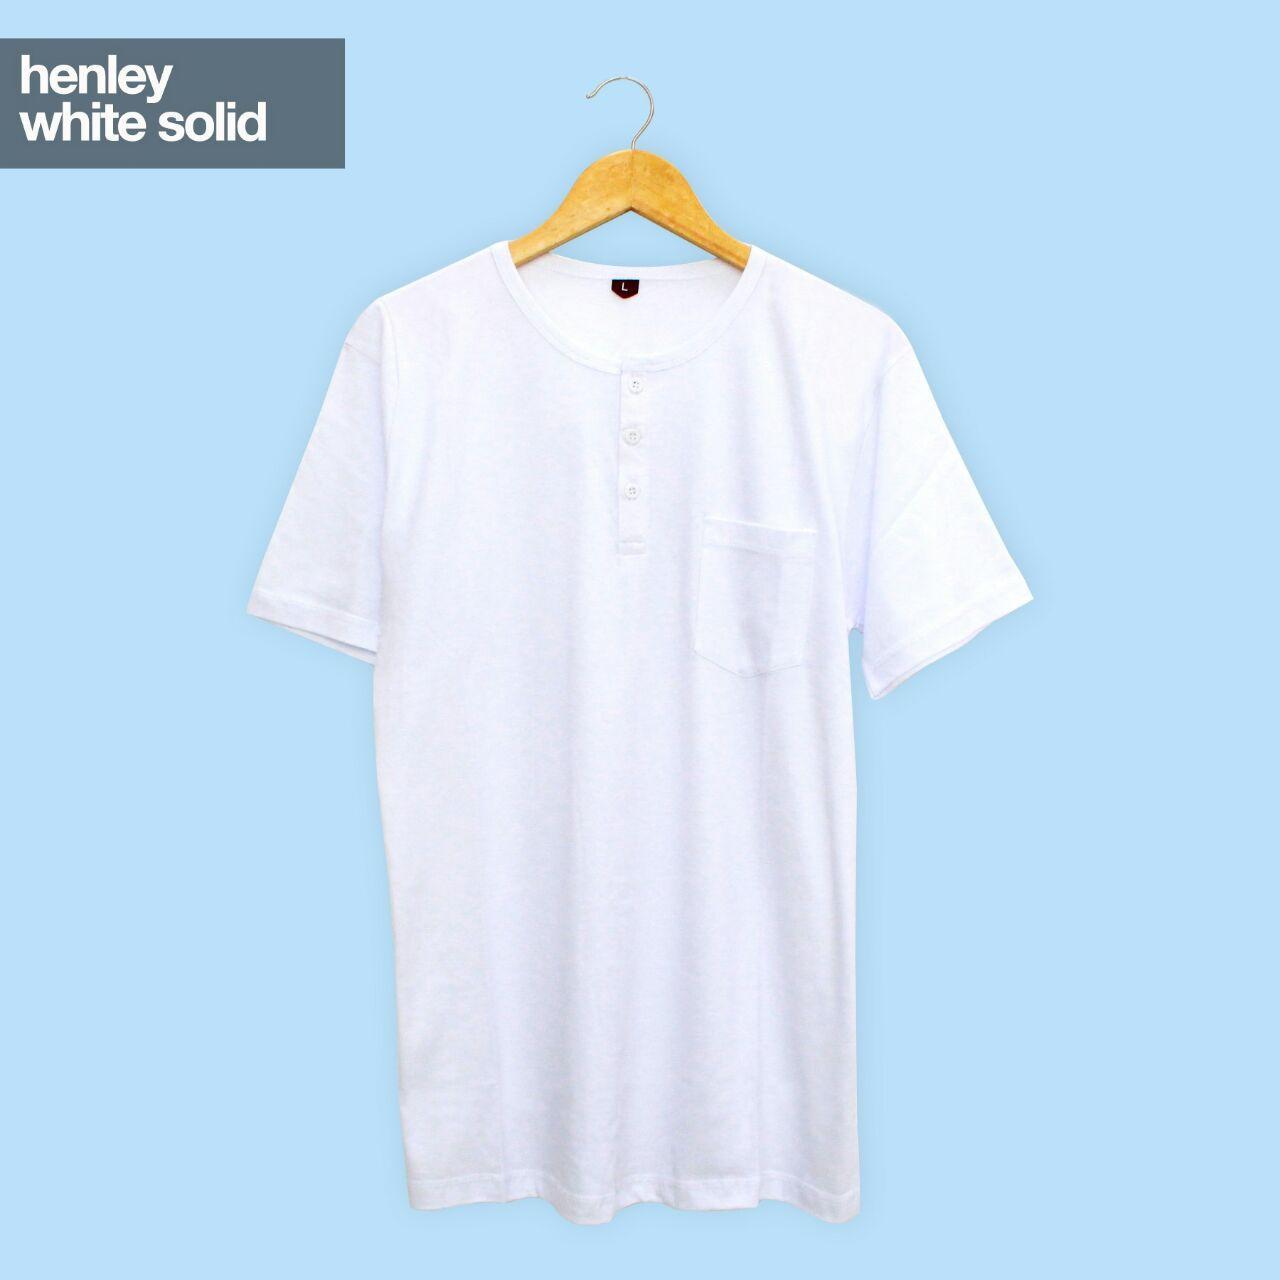 Baju Kaos Polos Tangan Pendek Saku Kancing / Henley White Solid Putih